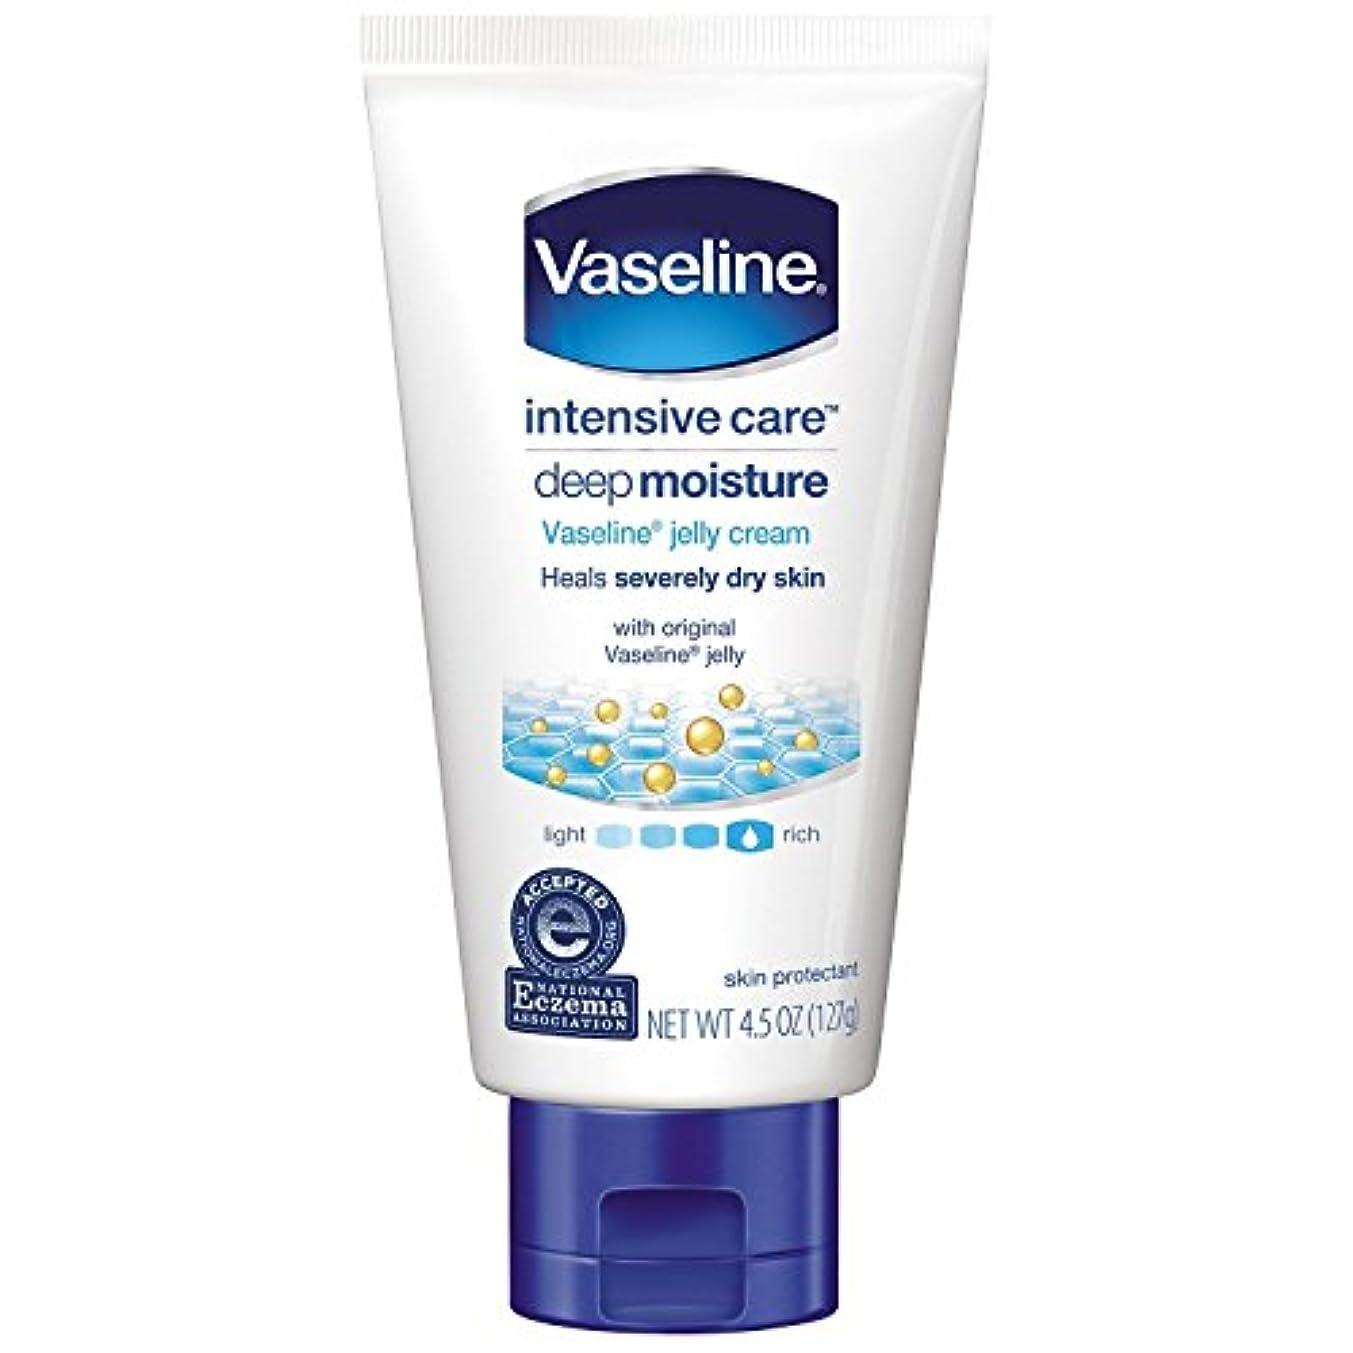 雇った結紮肘Vaseline intensive care deep moisture jelly cream 4.5oz(127g) ヴァセリン インテンシブケア ディープ モイスチュア ジェリークリーム